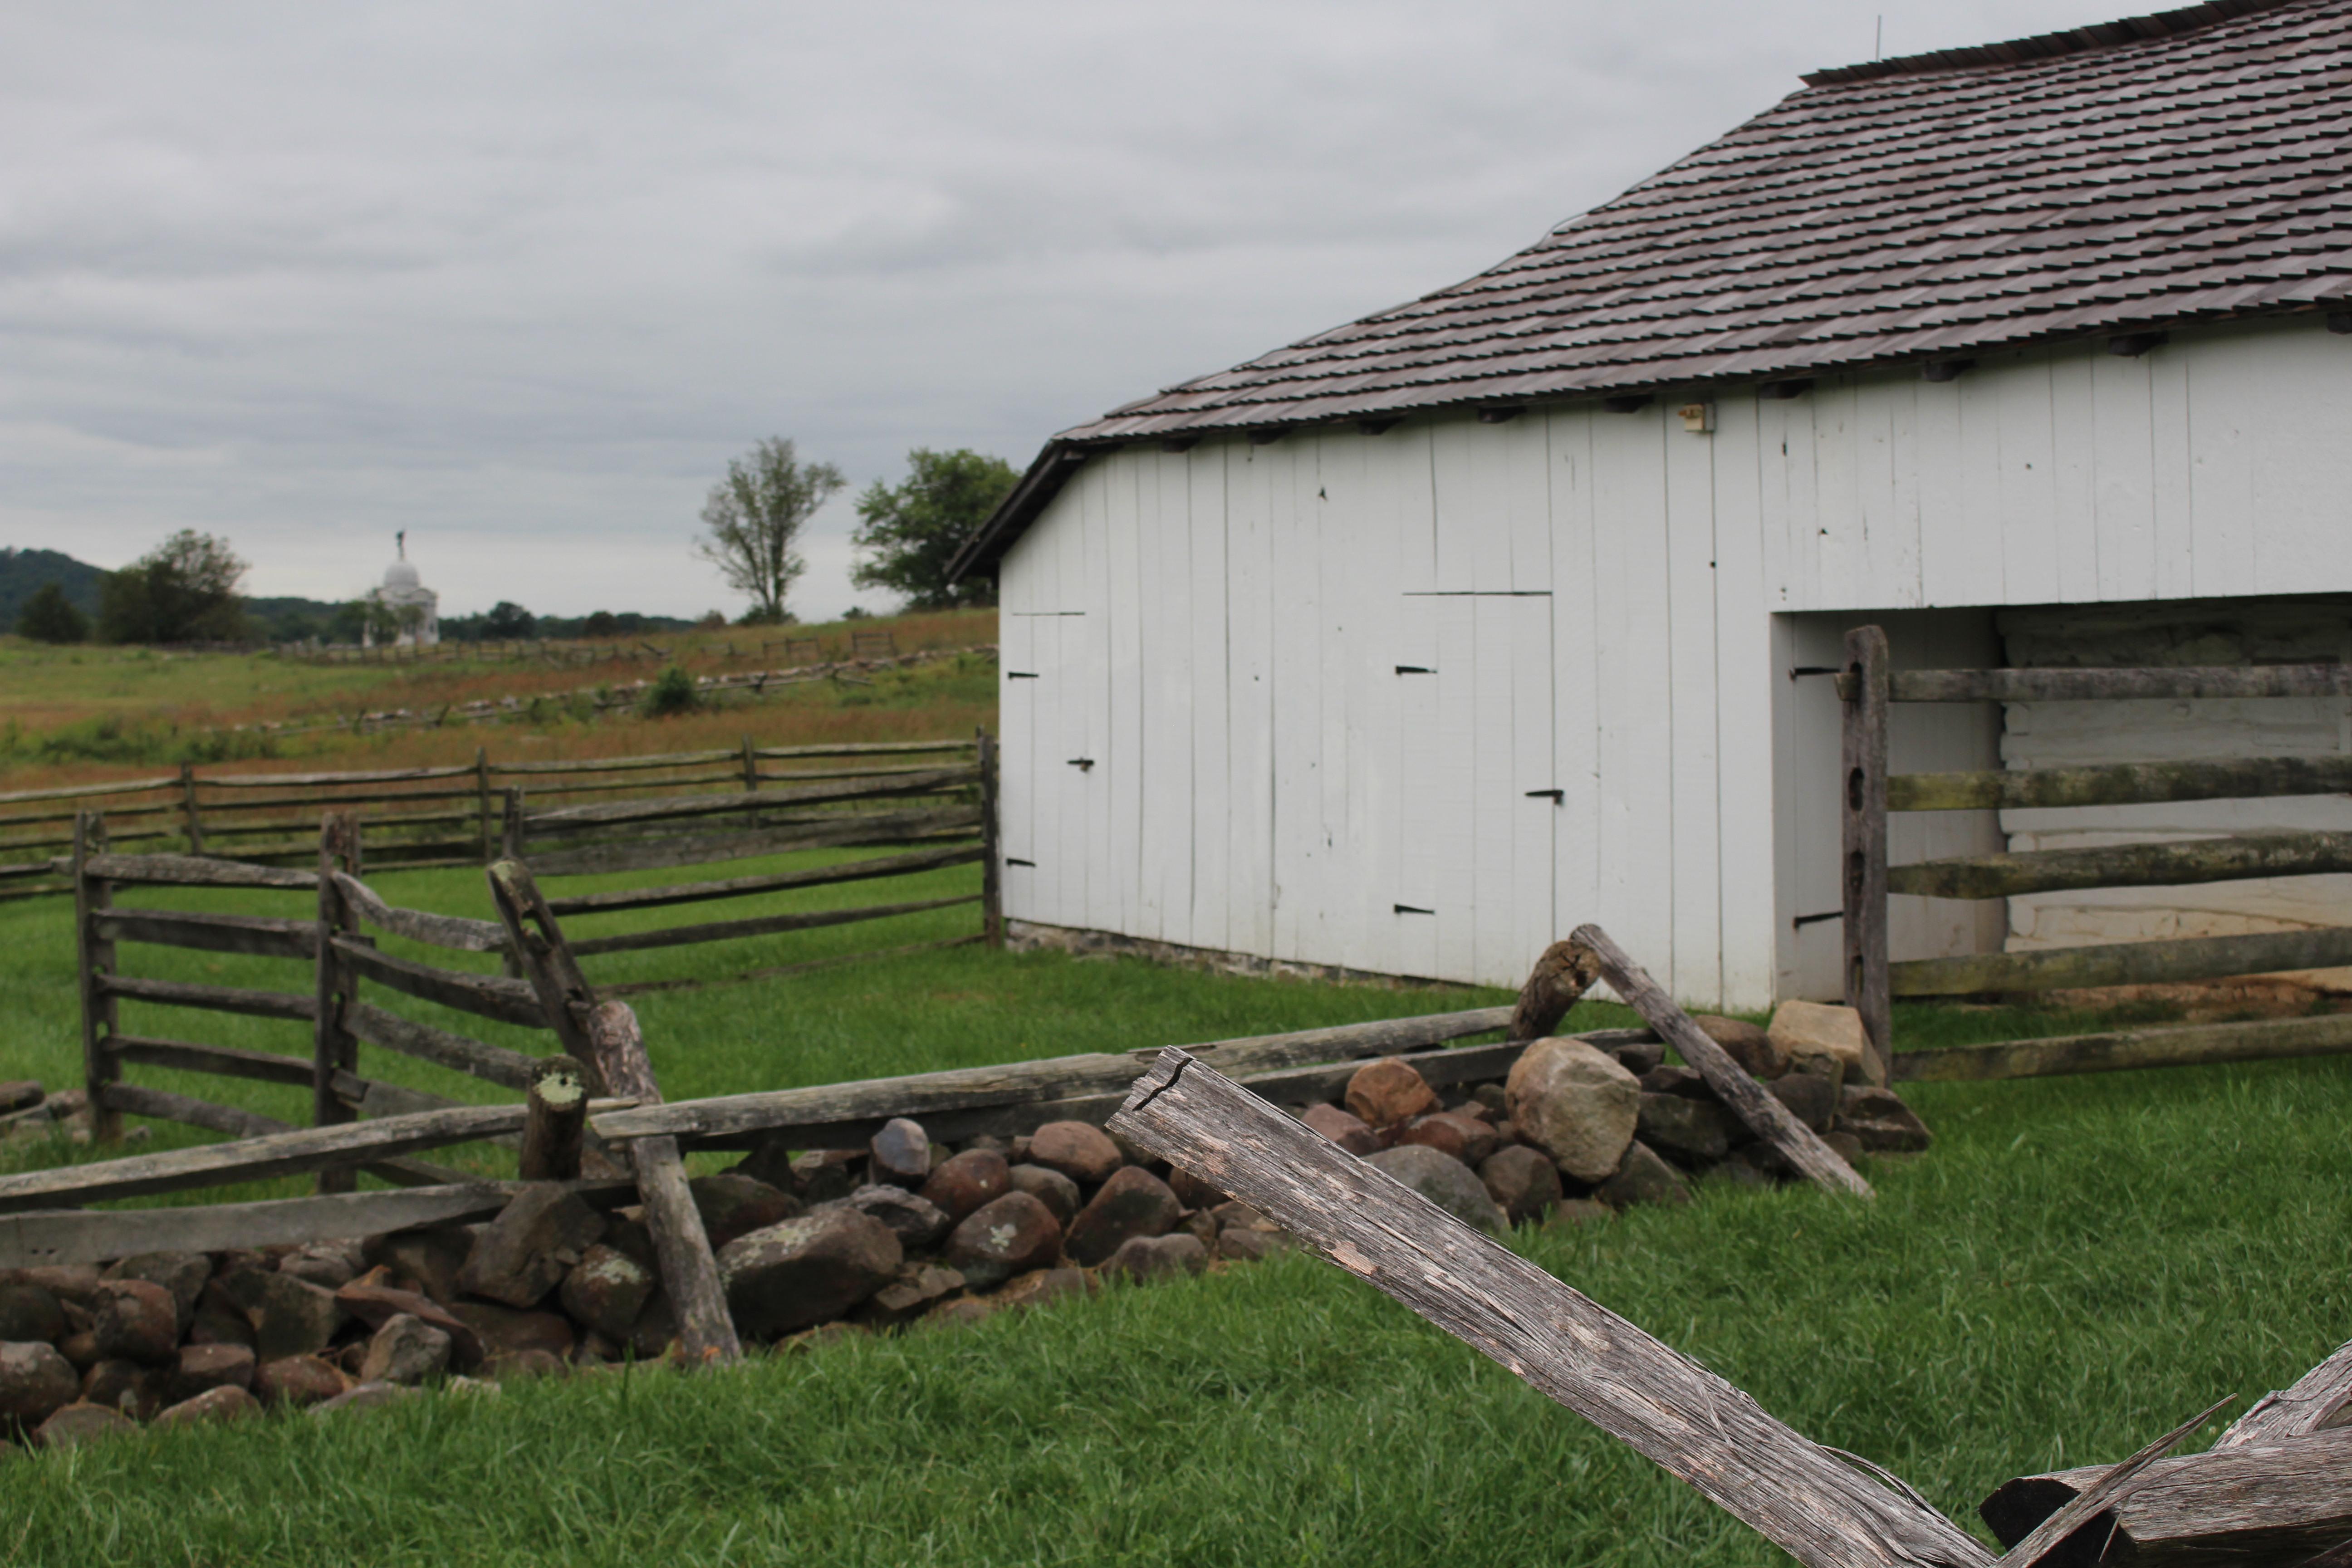 Gettysburg barn with fencing